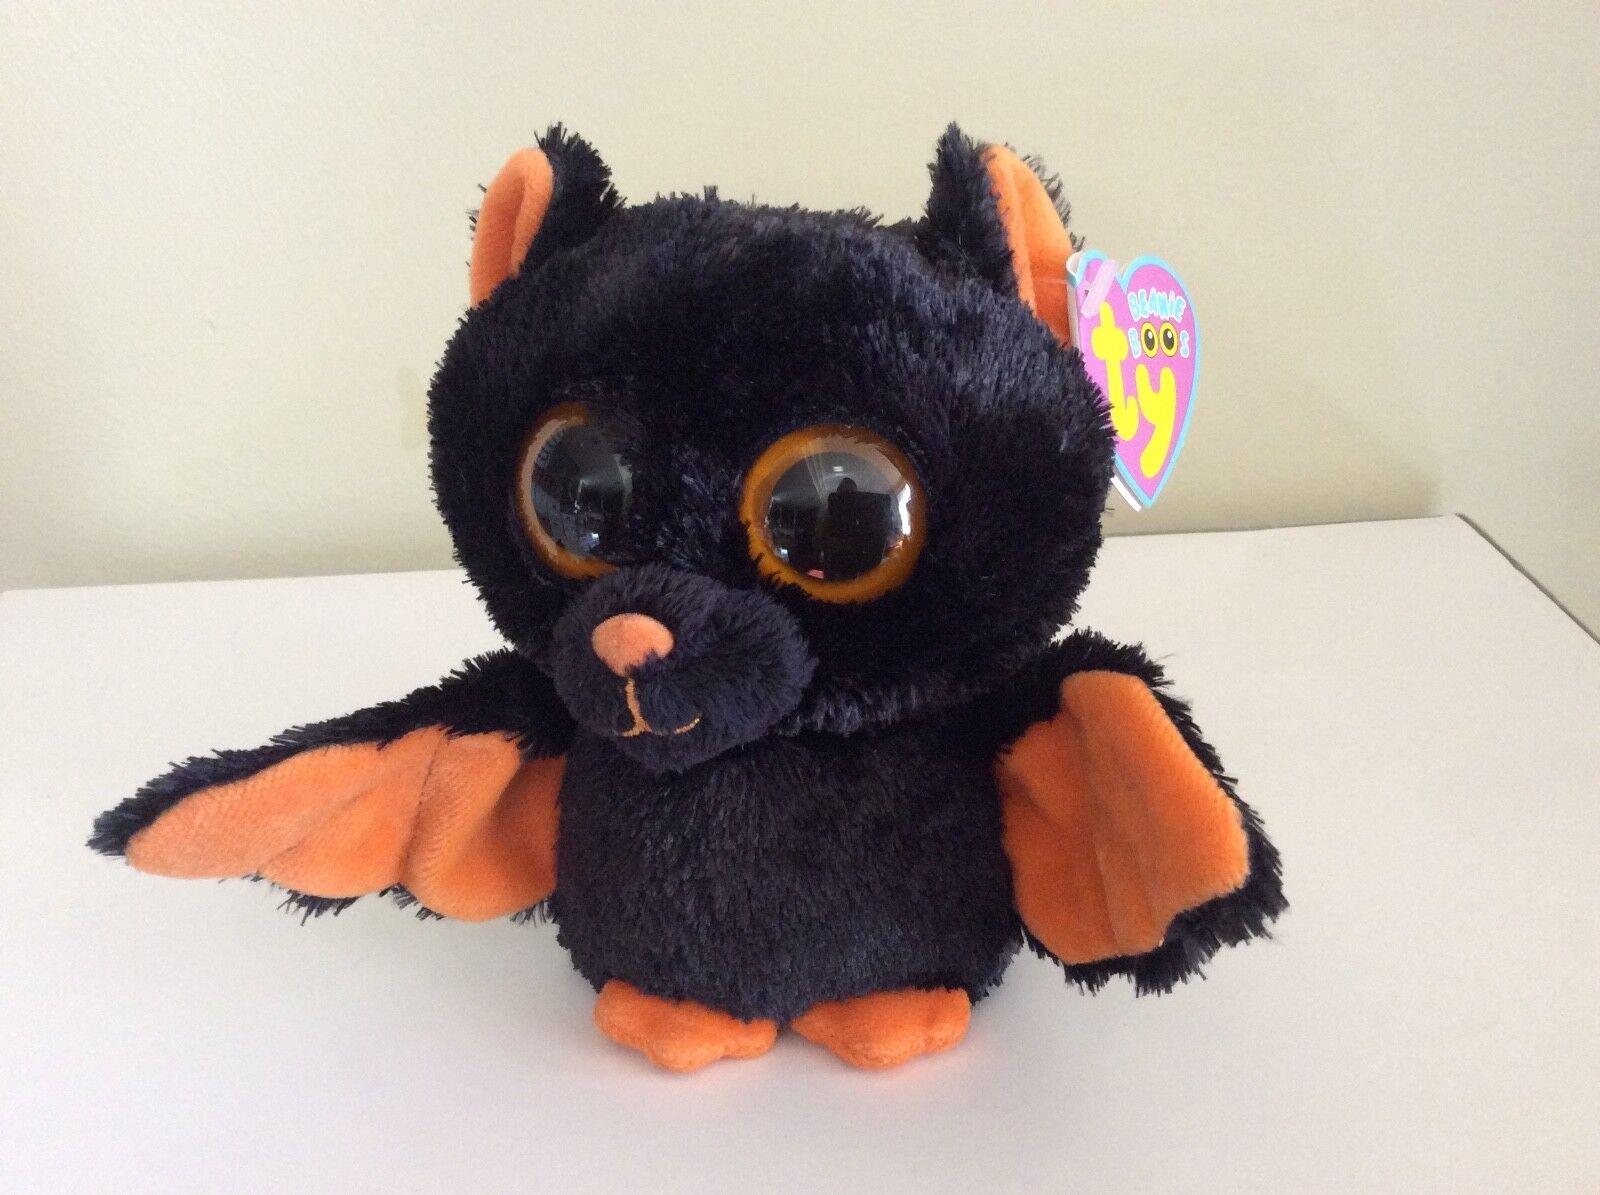 Ty Beanie Boo MIDNIGHT the Bat 6 6 Bat MWMT 7b5c19 - zenvetinc.com b45265eb4afc